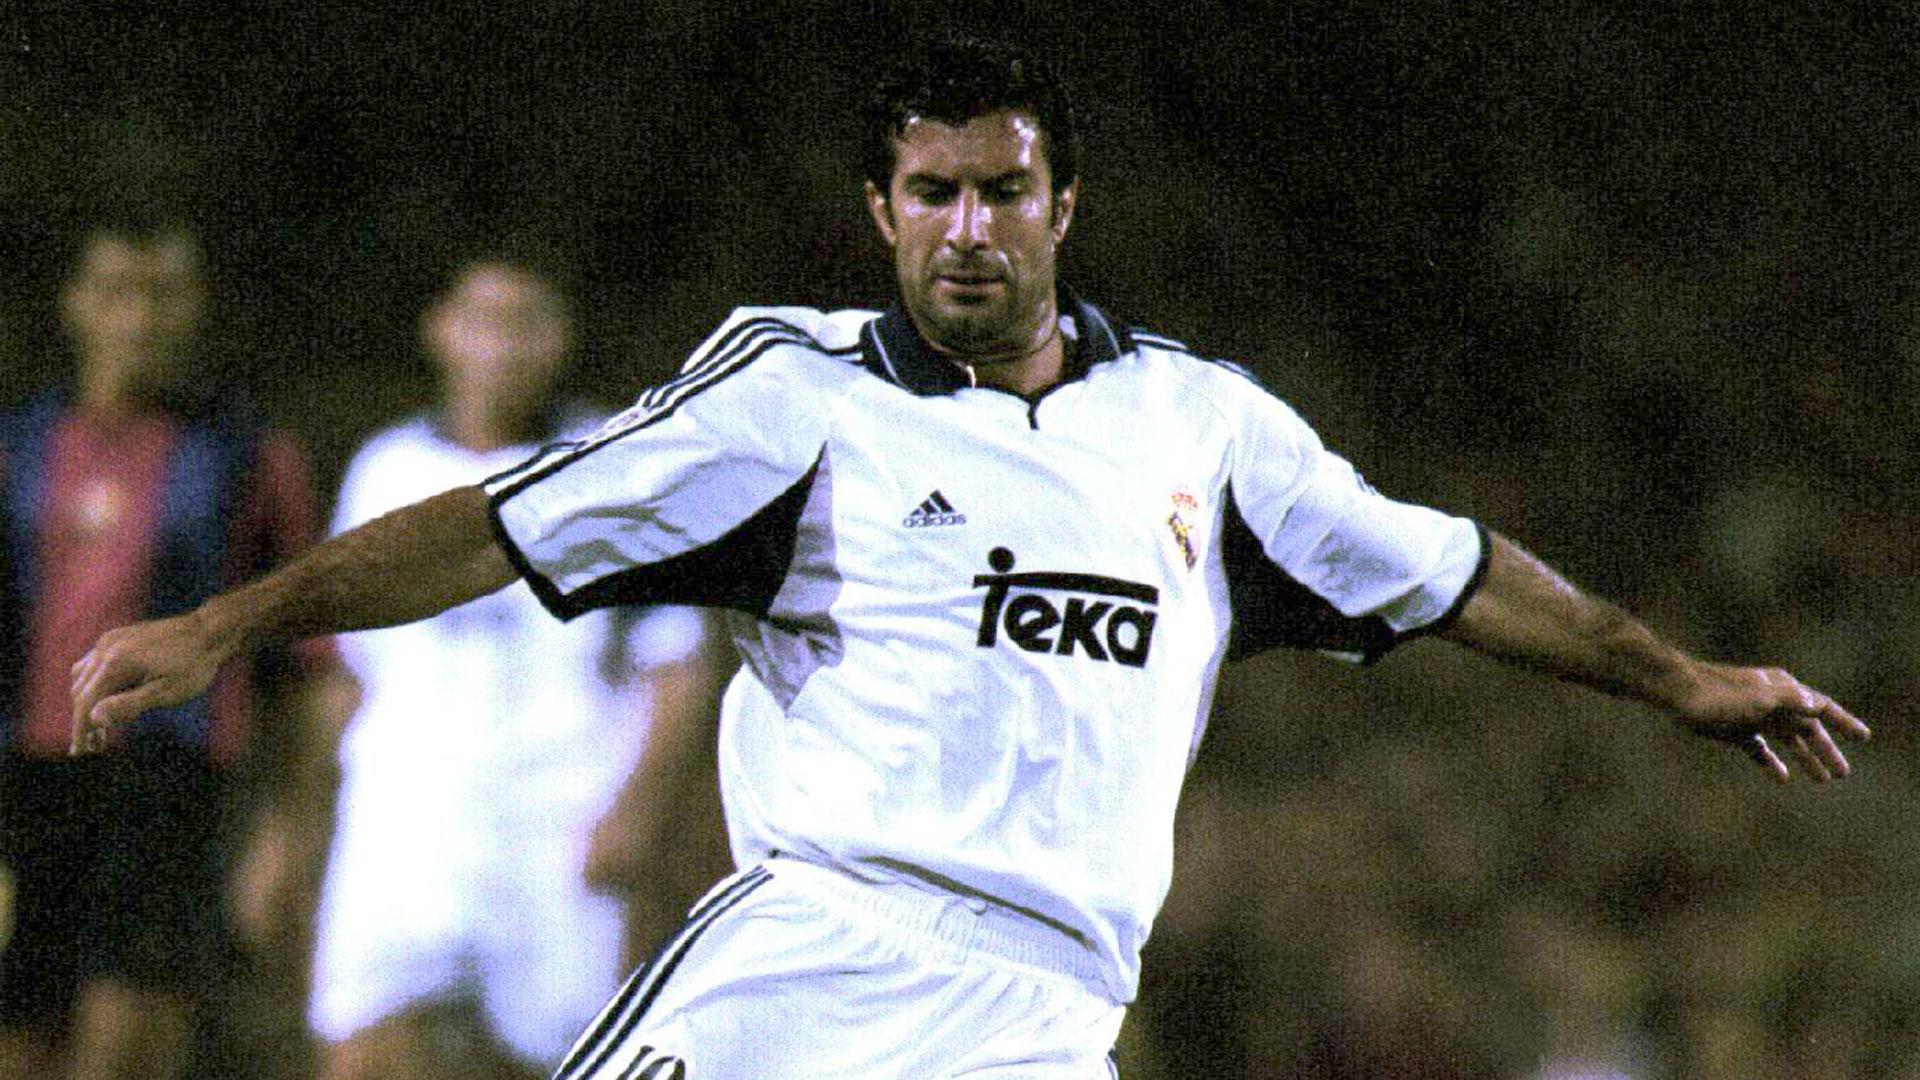 Figó jugó en el Real Madrid entre 2000 y 2005 y ganó 4 títulos (Getty Images)